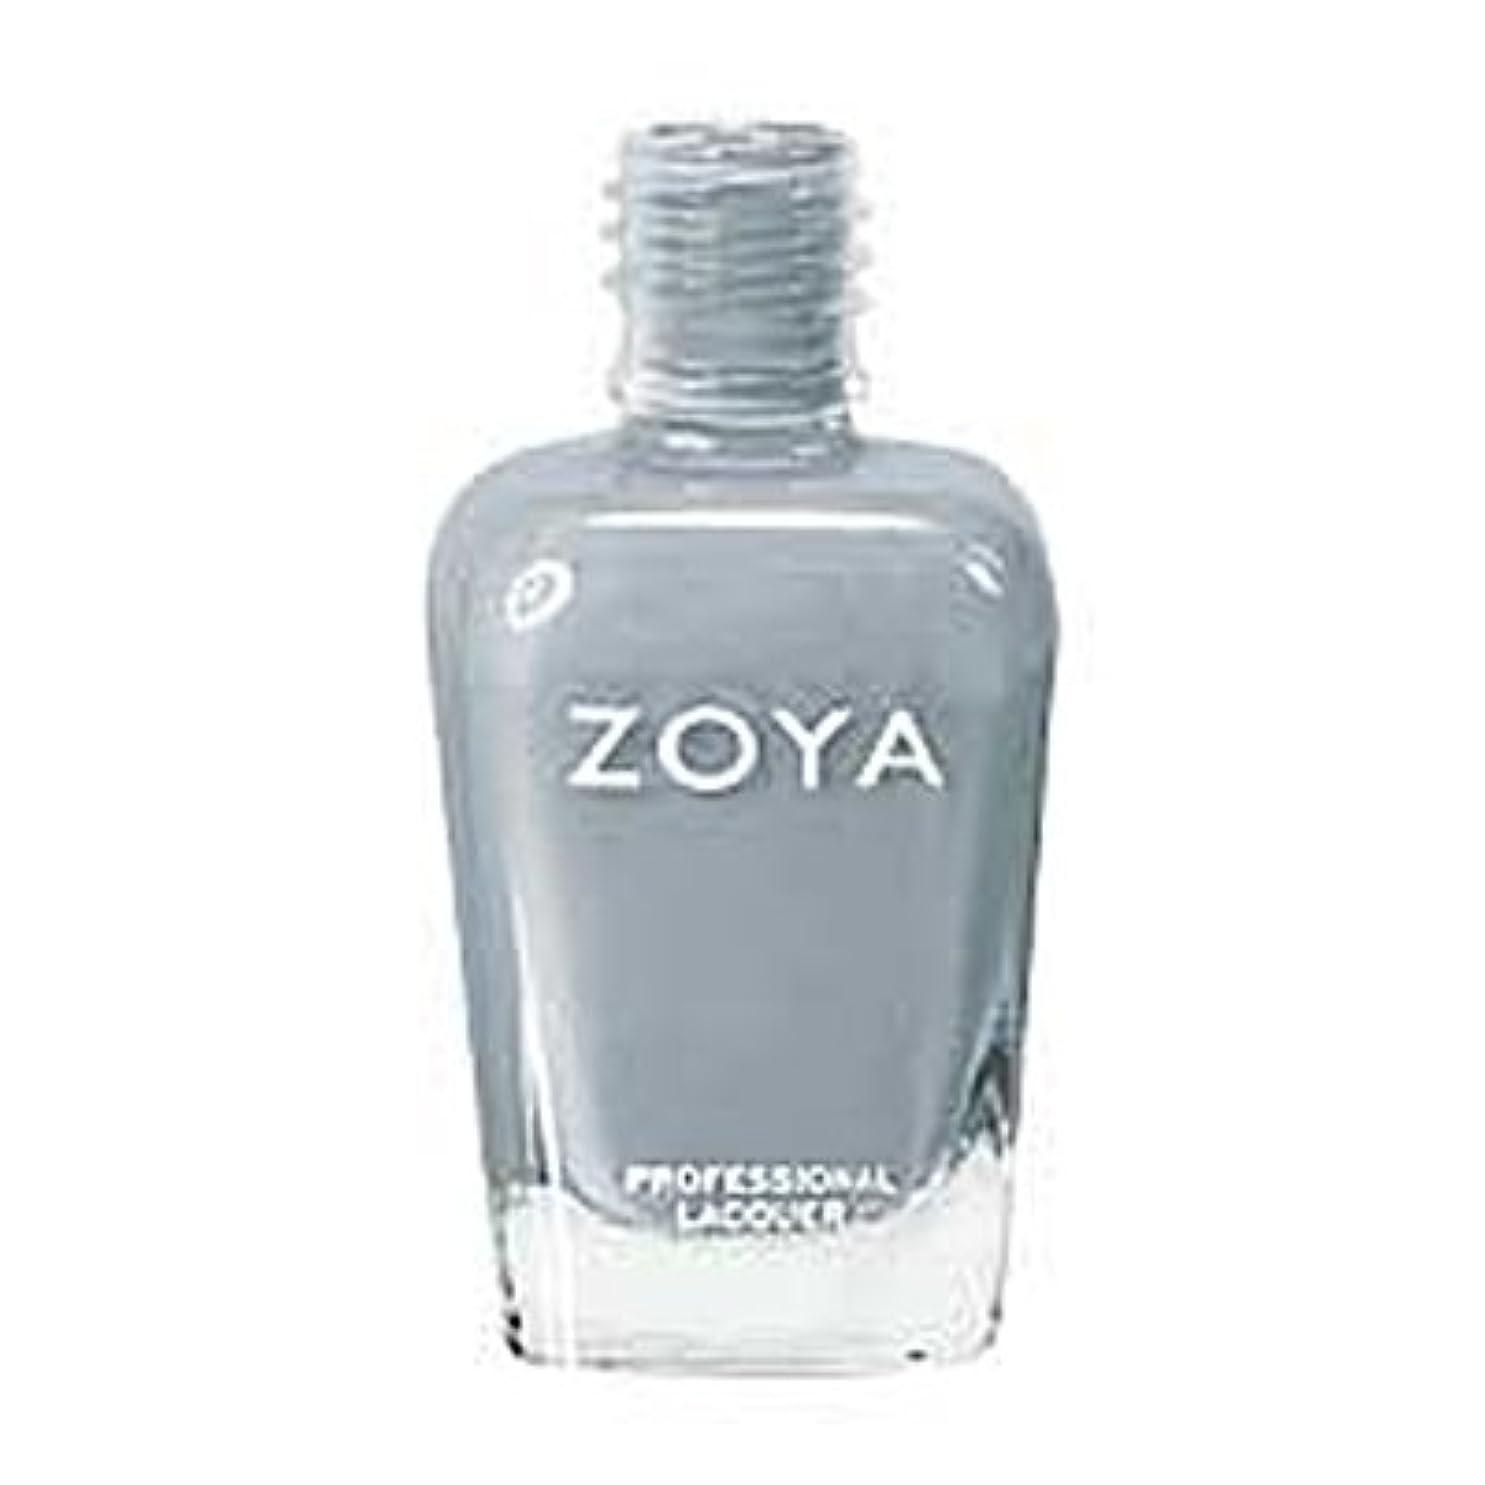 マットラブ記念日[Zoya] ZP591 クリスティン [Feel Collection][並行輸入品][海外直送品]